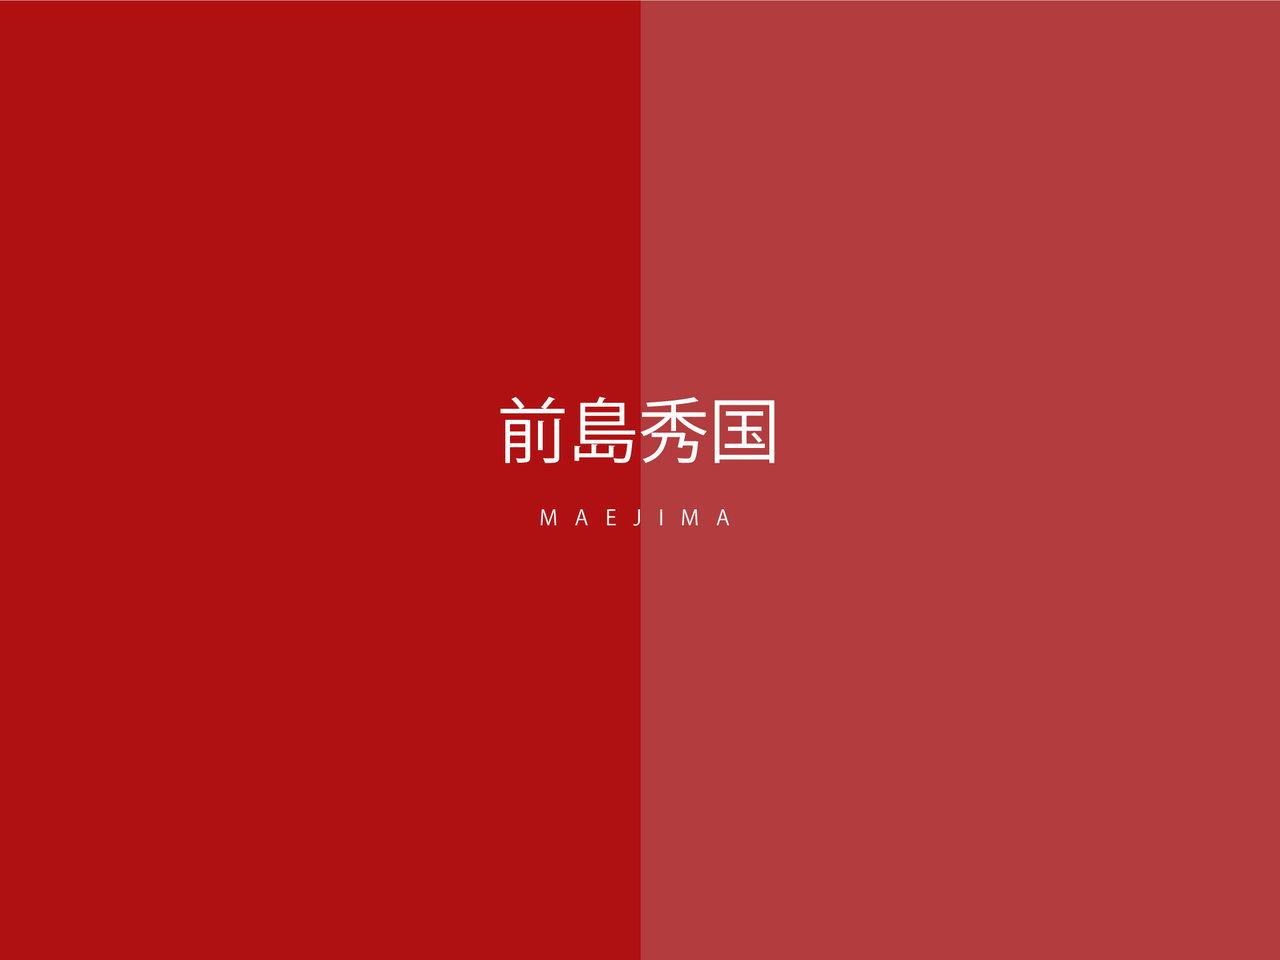 辻井伸行 音楽と絵画コンサート《印象派》@サントリーホール